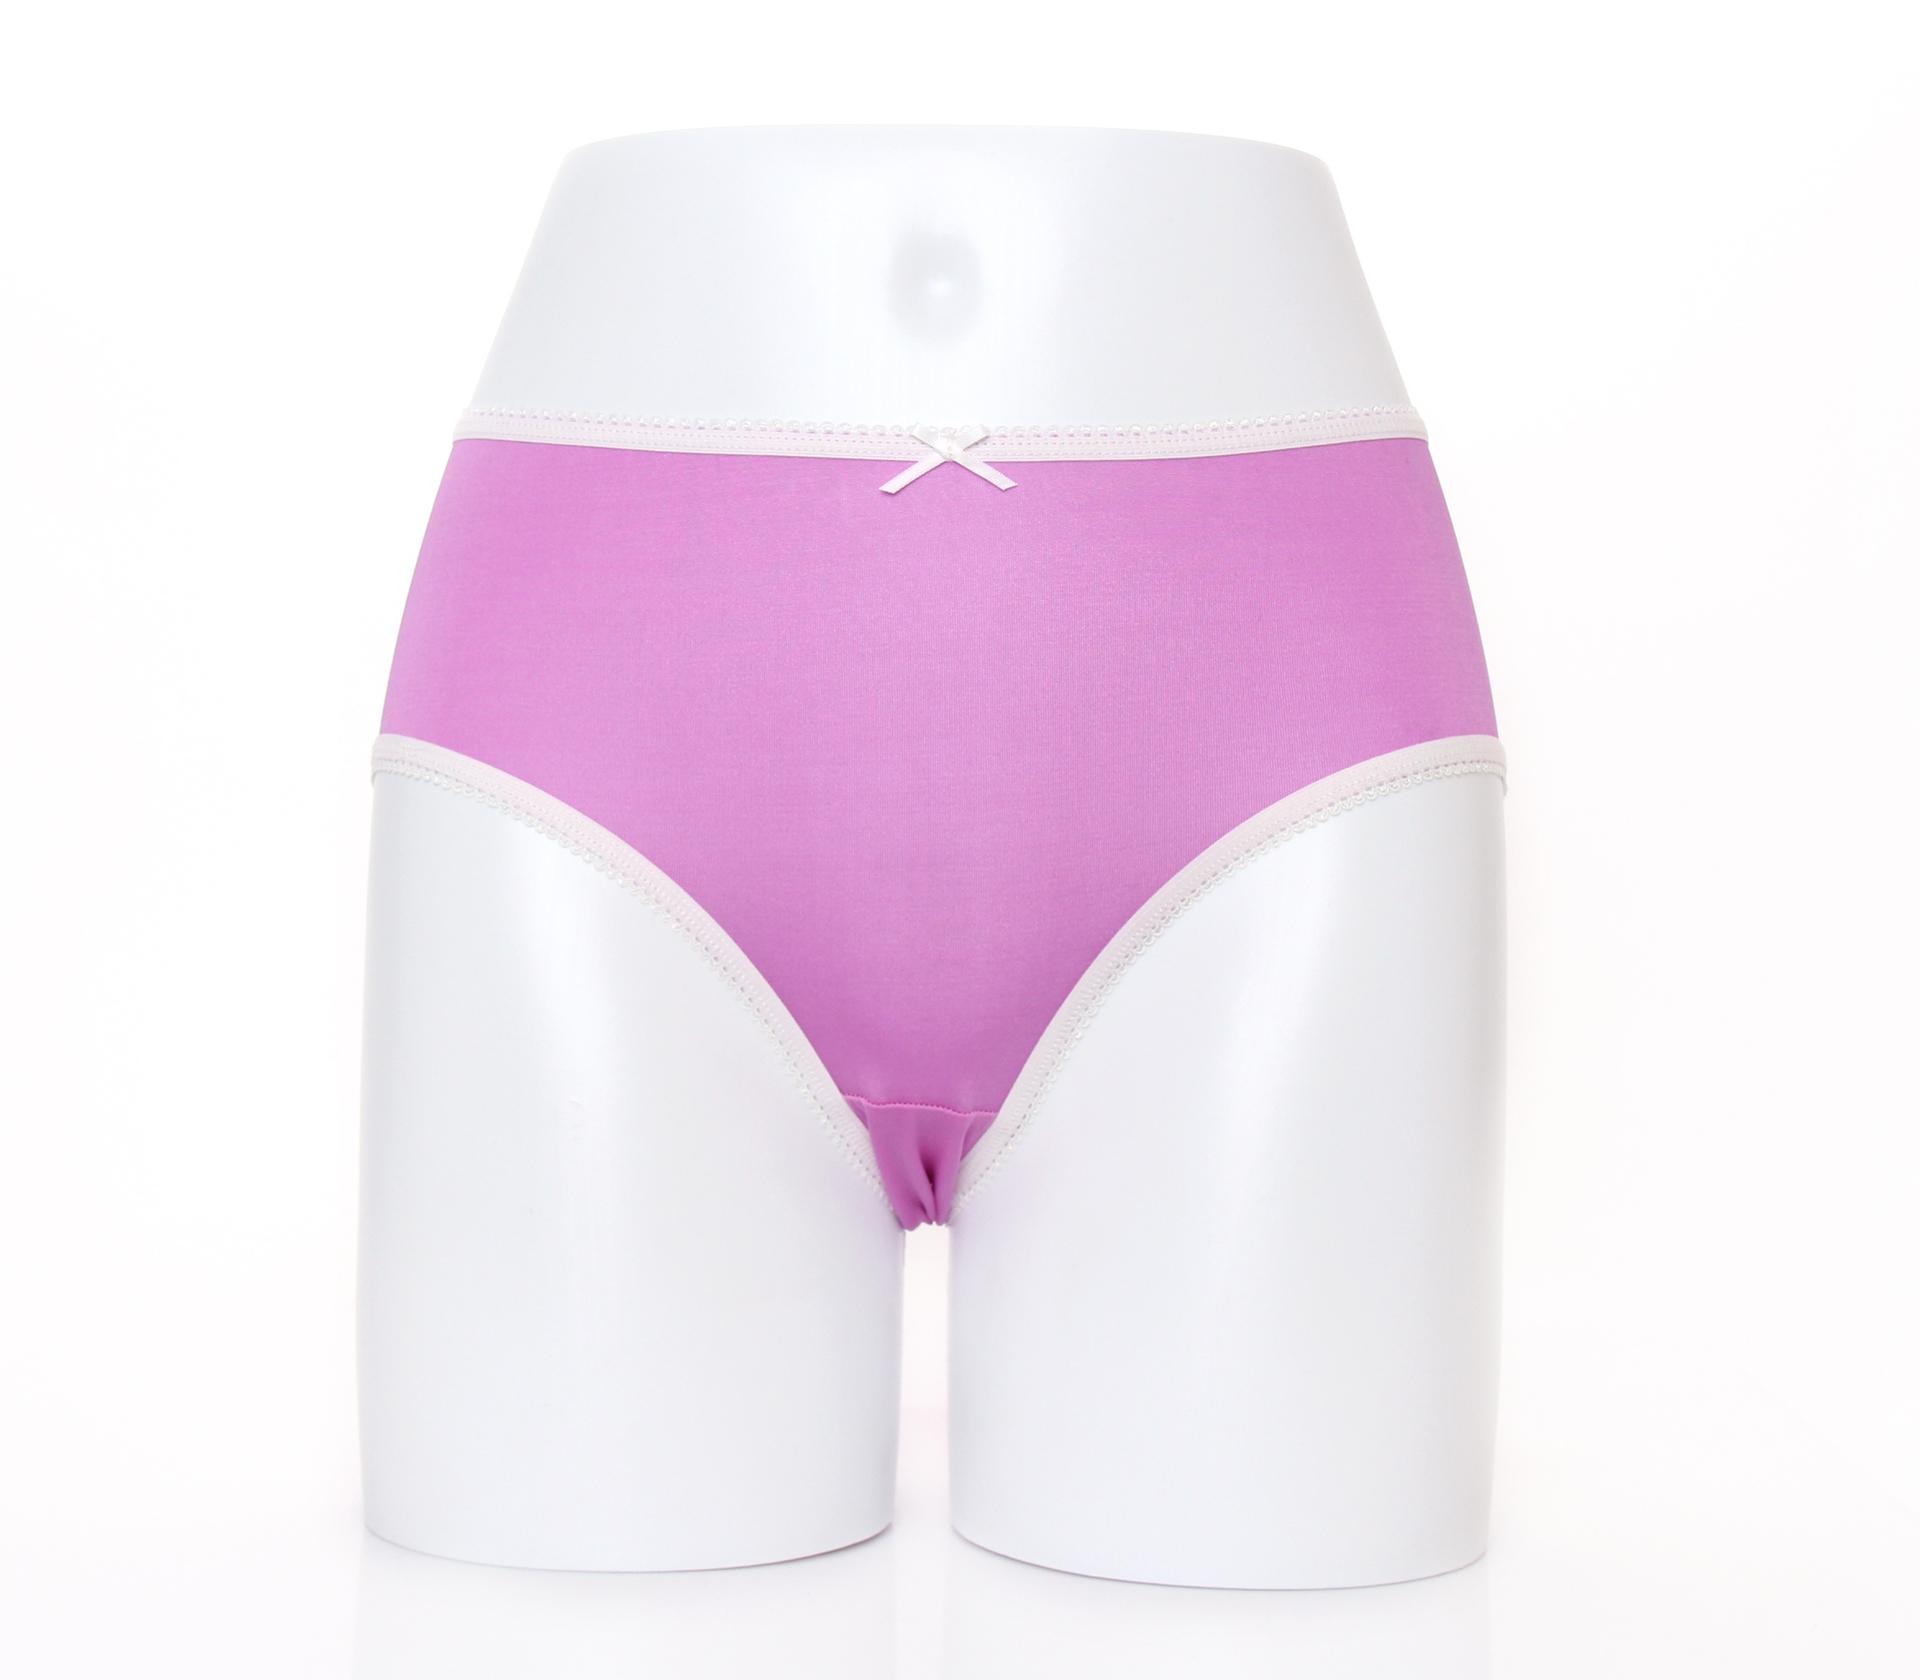 闕蘭絹清新甜美100%蠶絲內褲-2211(紫)